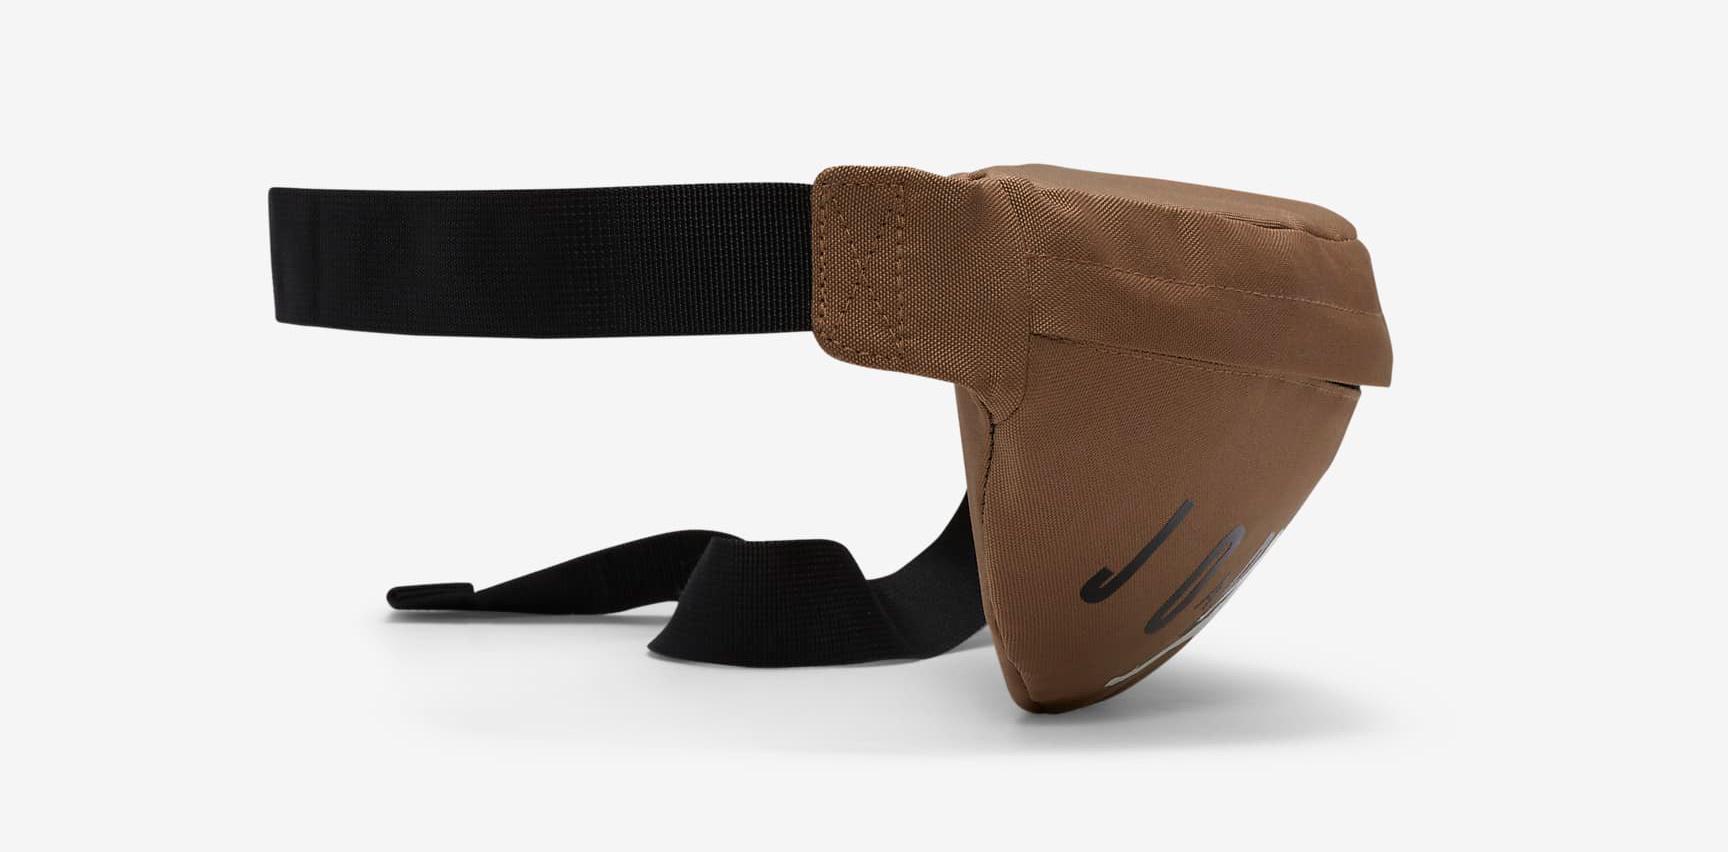 jordan-archaeo-brown-jumpman-air-crossbody-bag-4